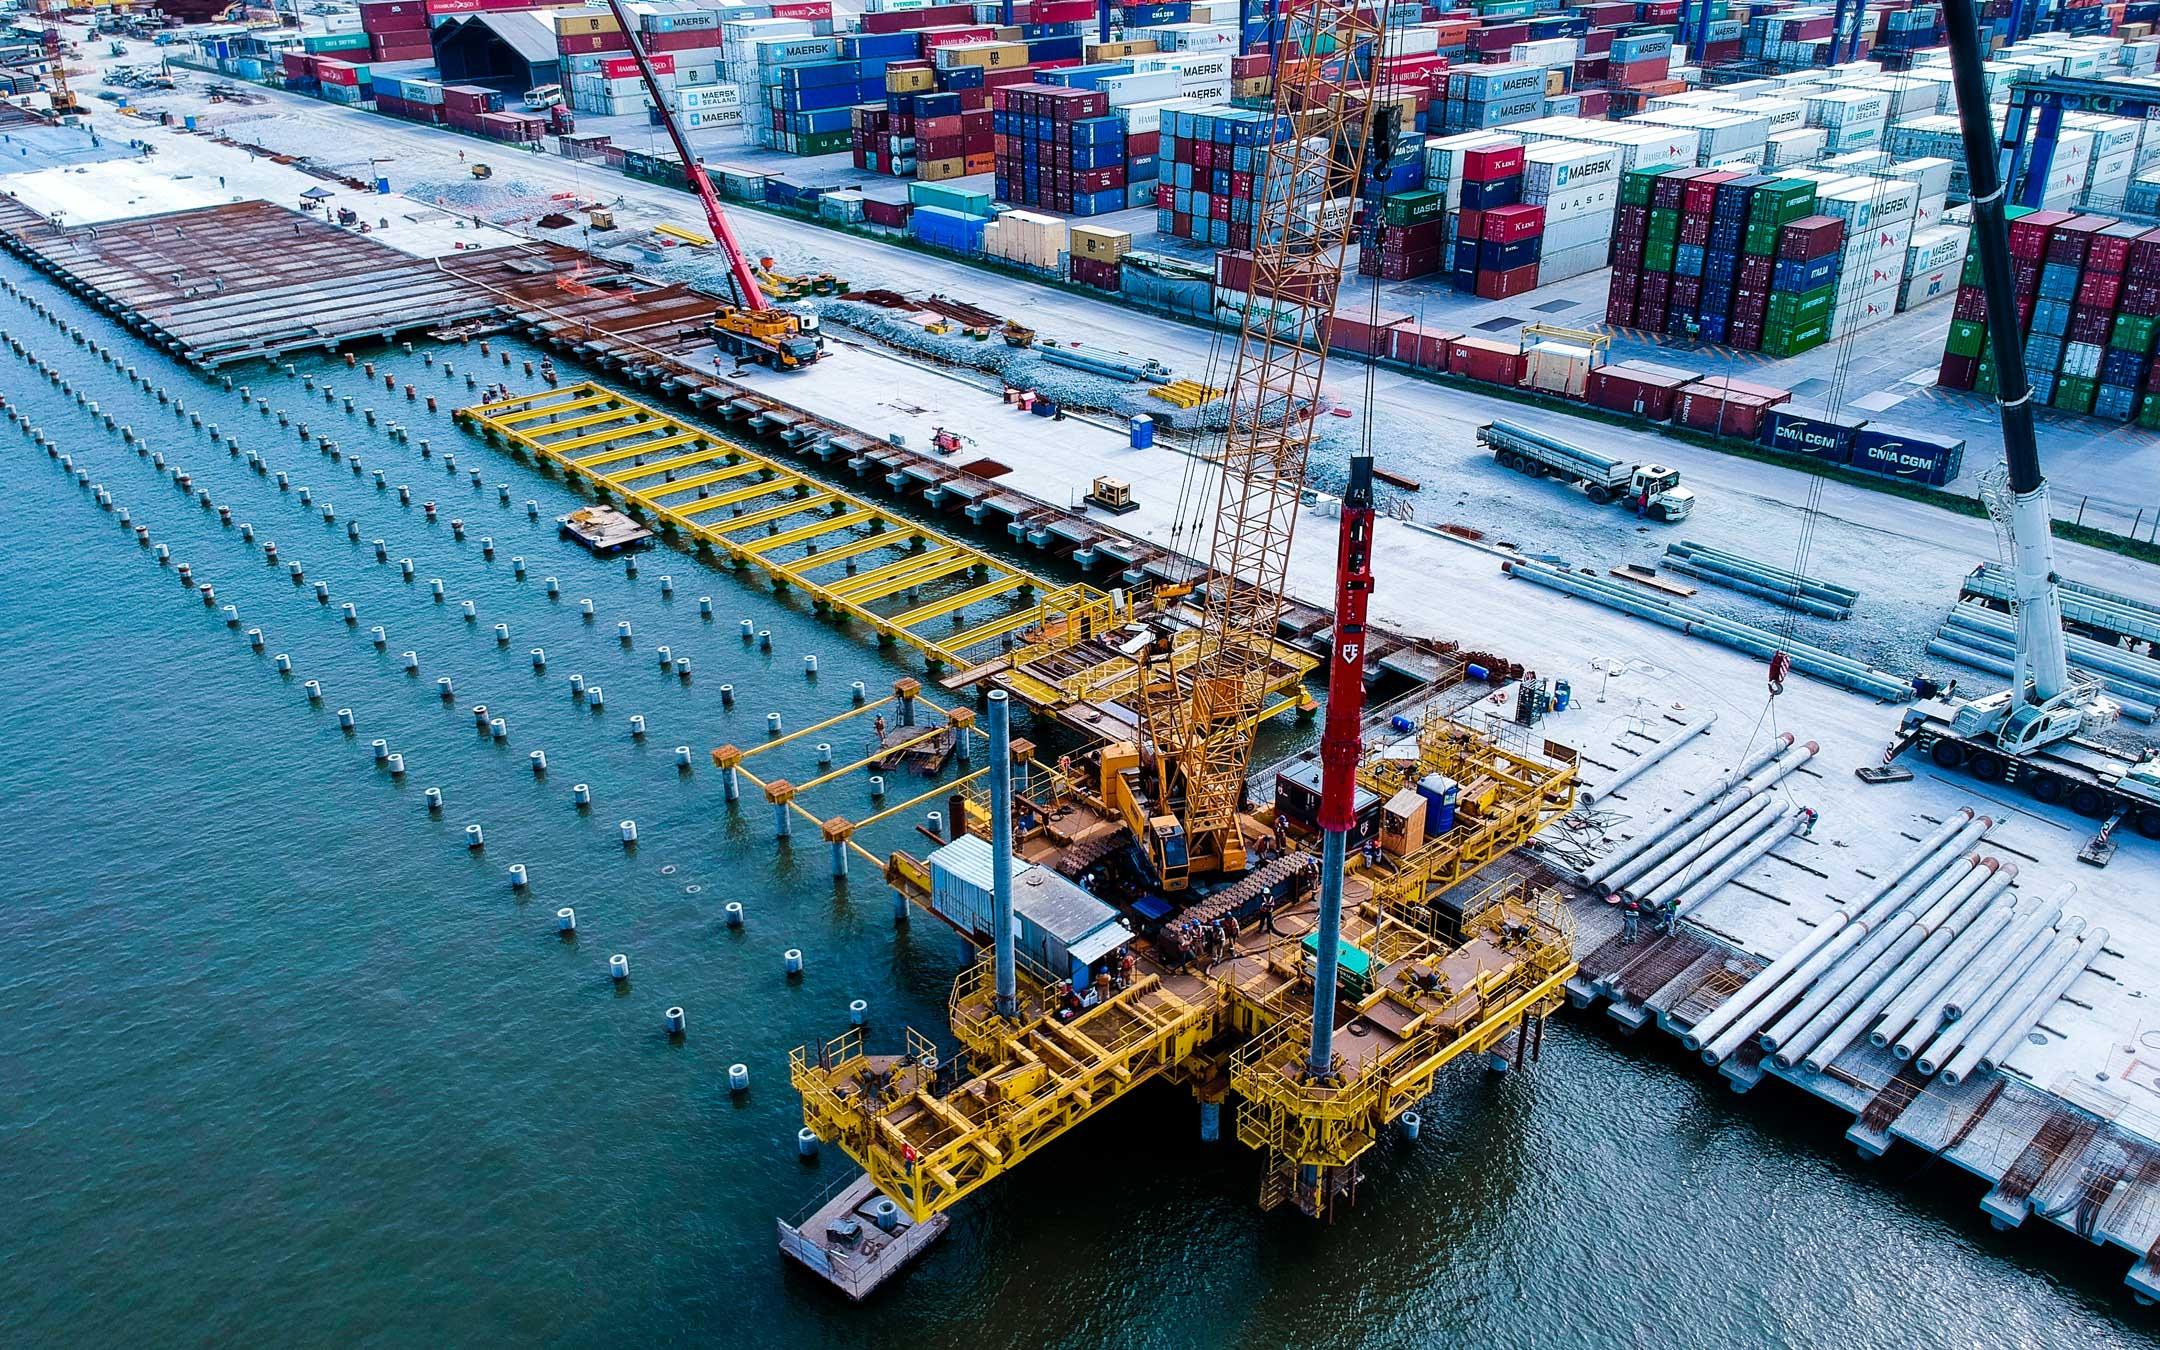 Fotografia aérea do porto de paranaguá